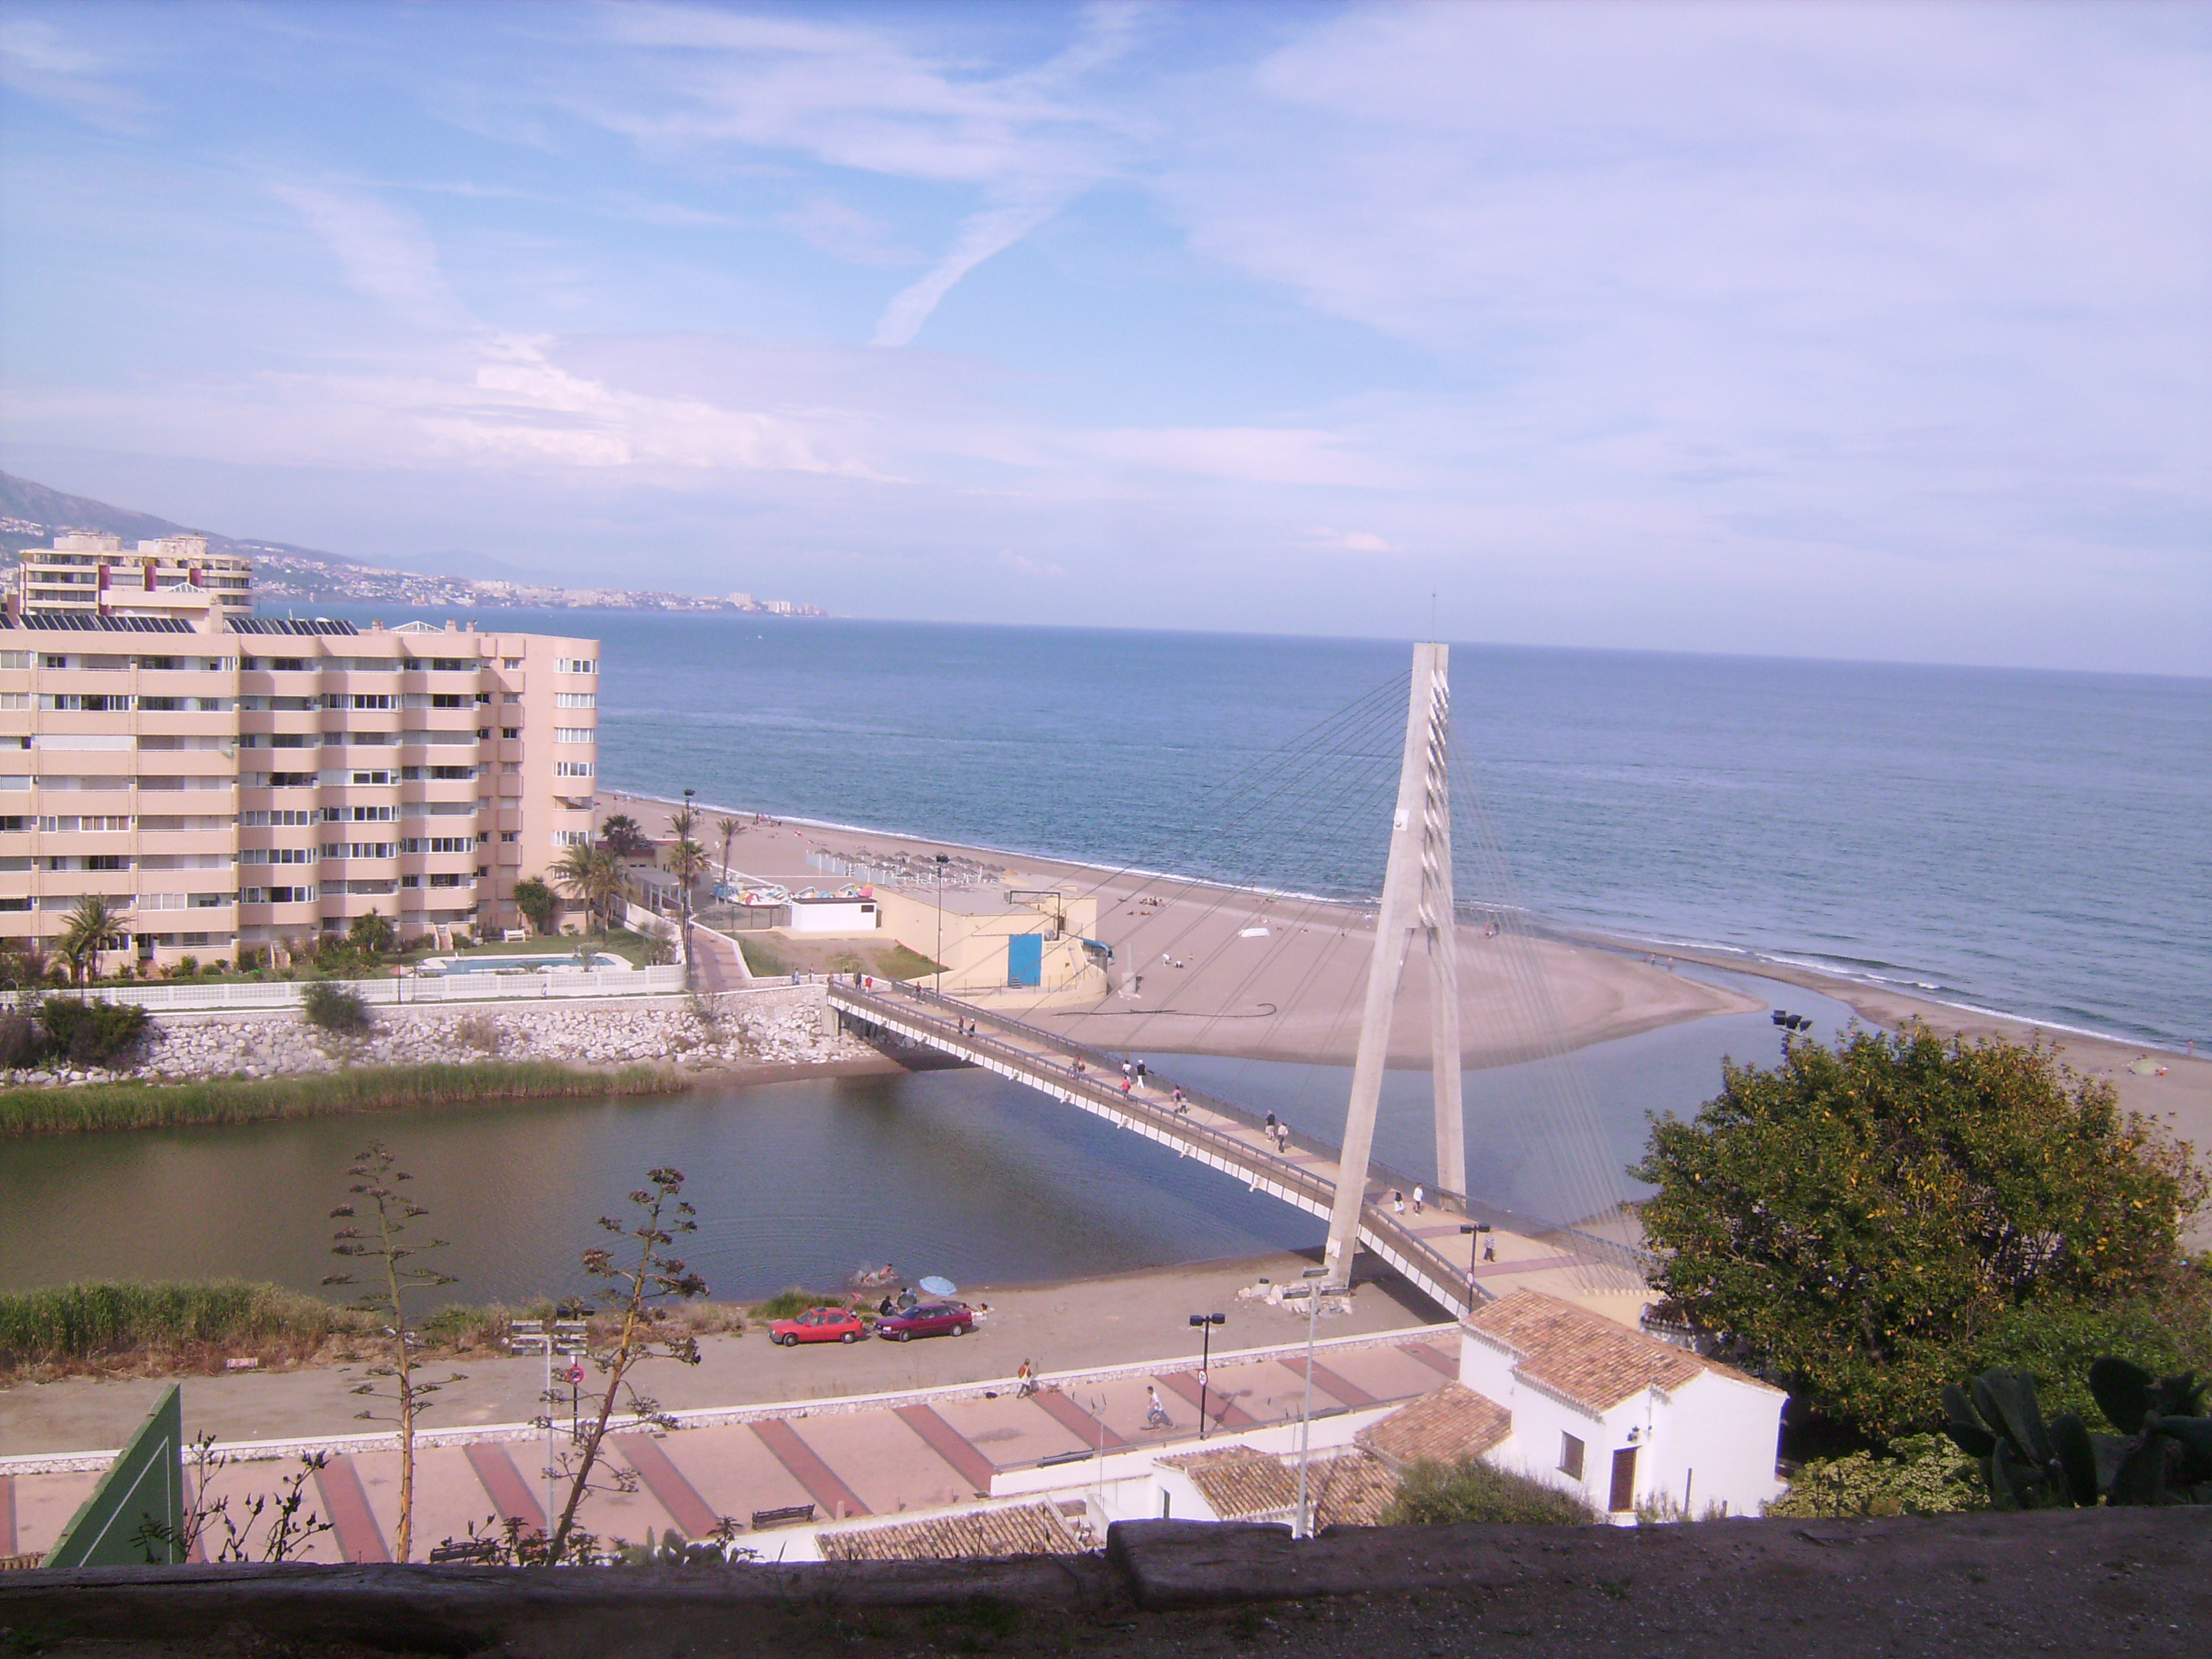 és az ő hídja, közvetlenül ott, ahol beletorkollik a tengerbe.